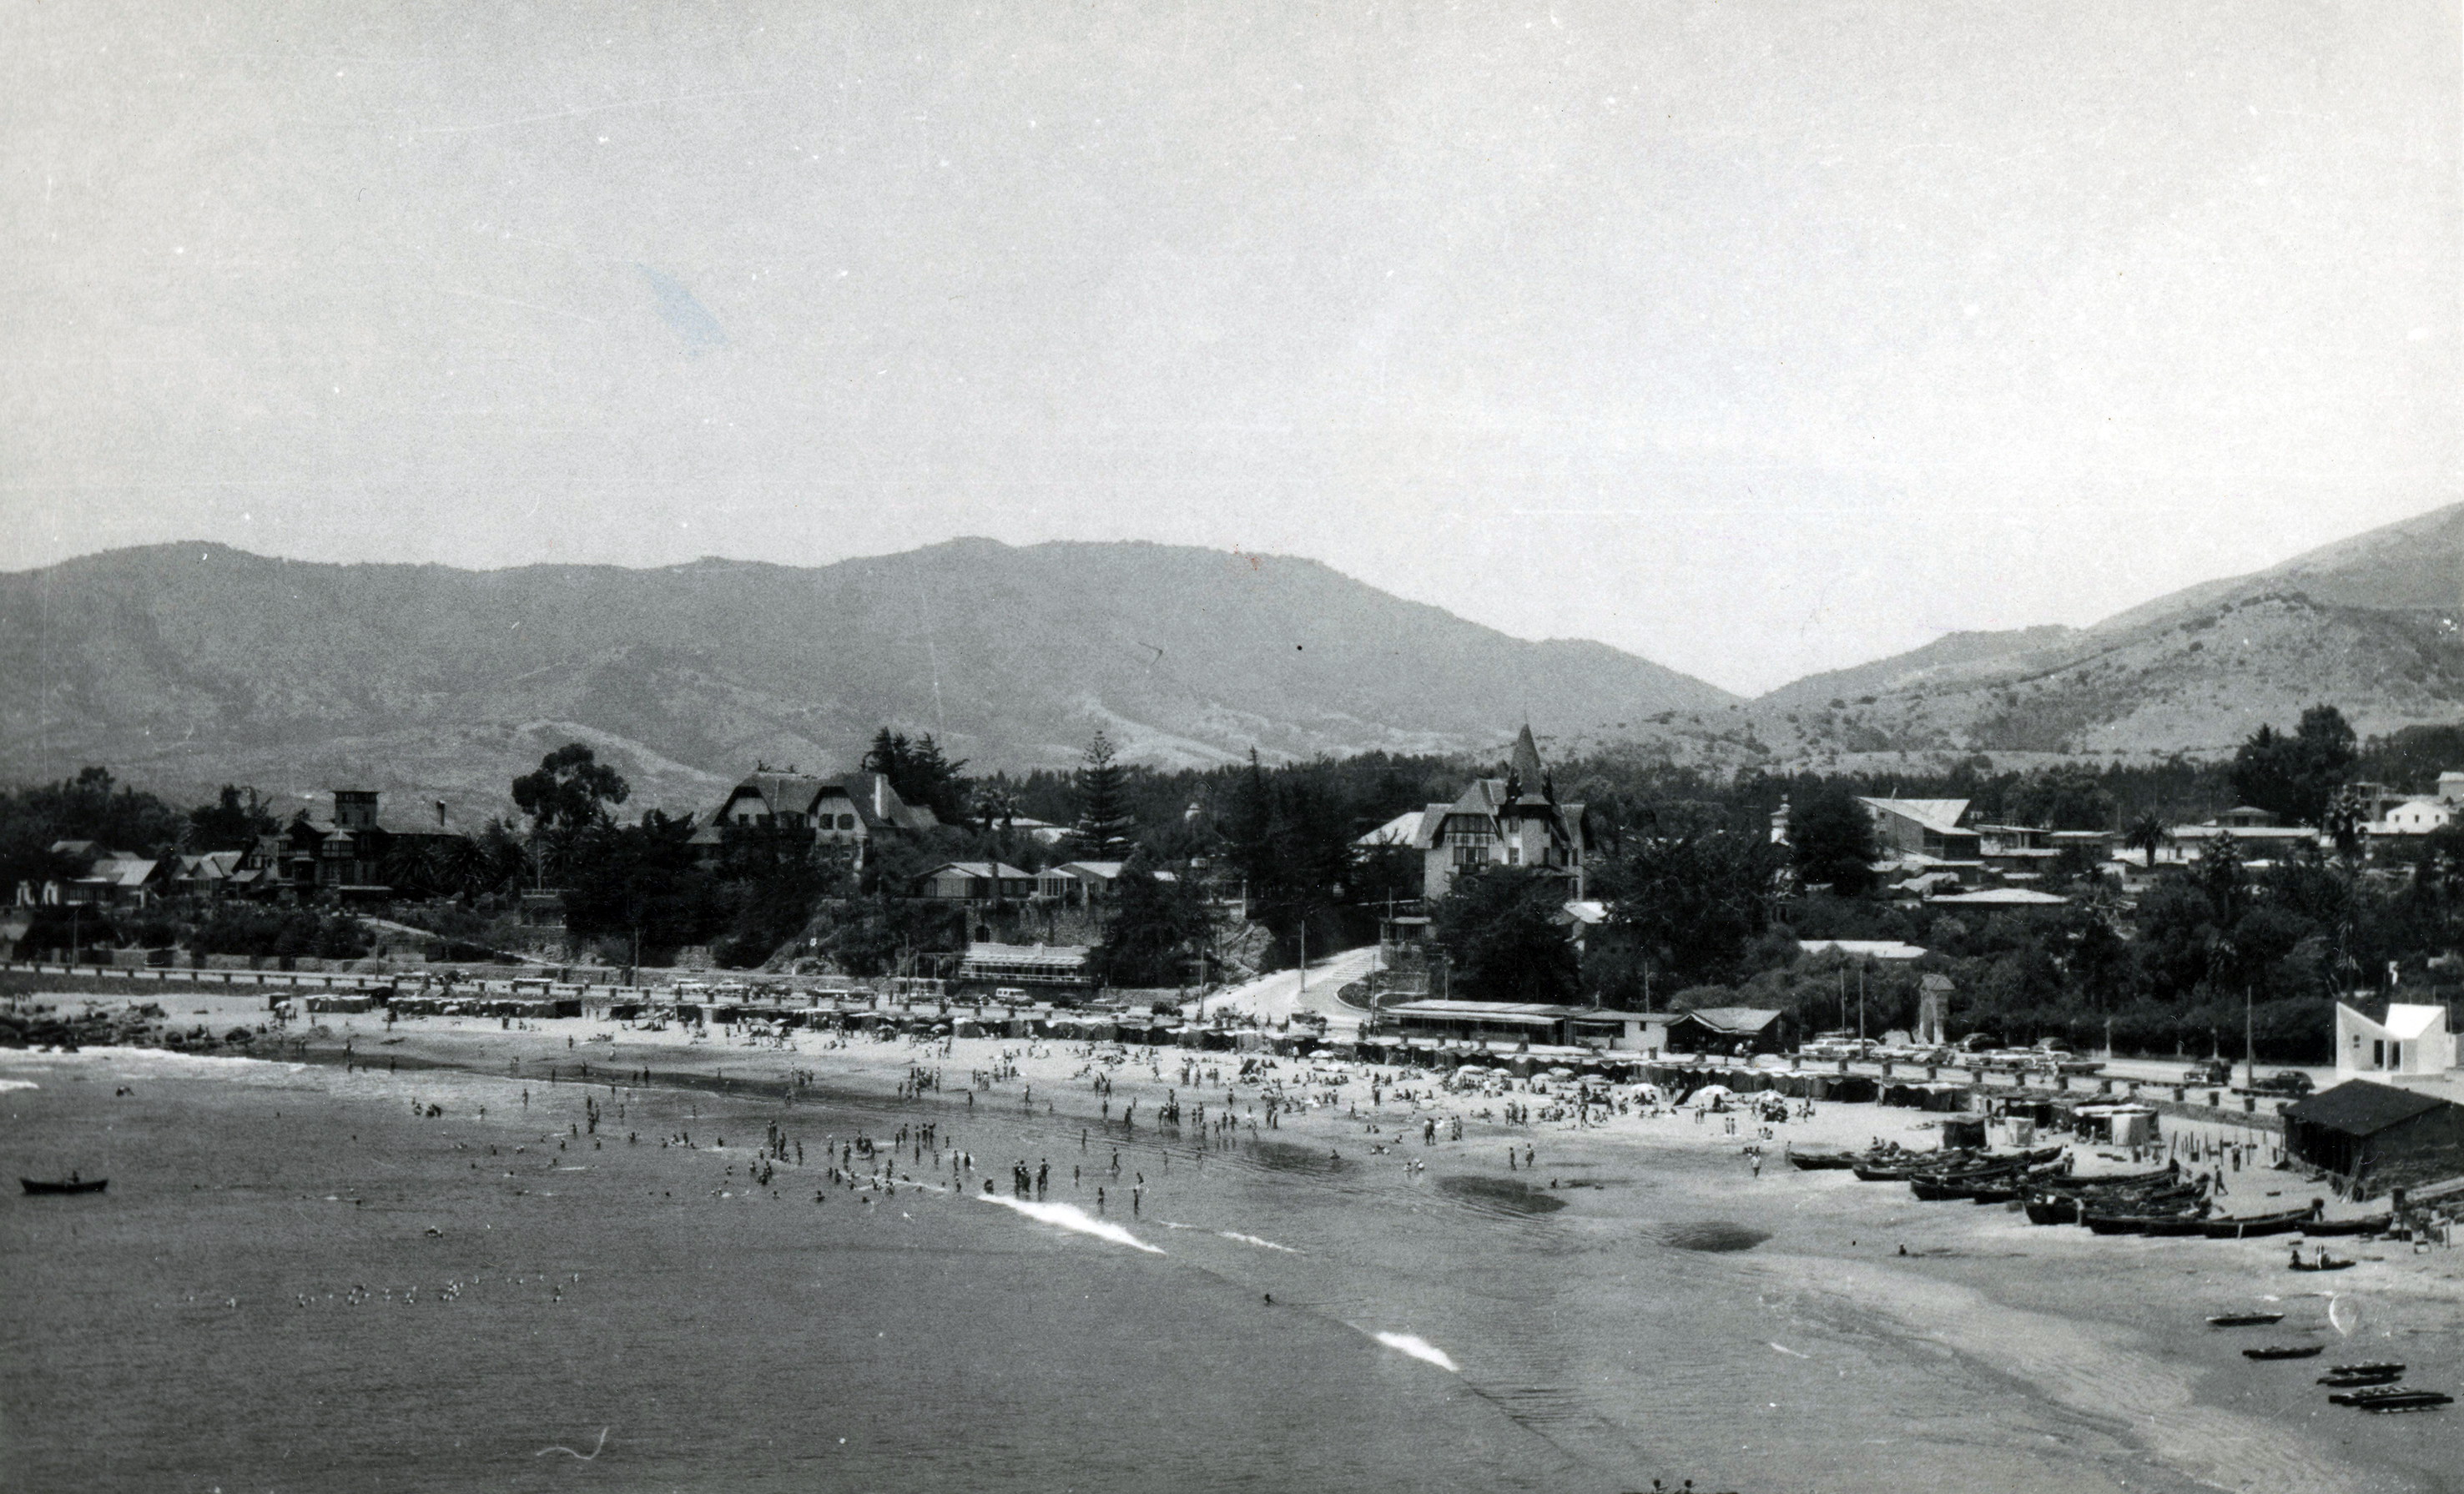 Enterreno - Fotos históricas de chile - fotos antiguas de Chile - Bahía de Papudo en 1950